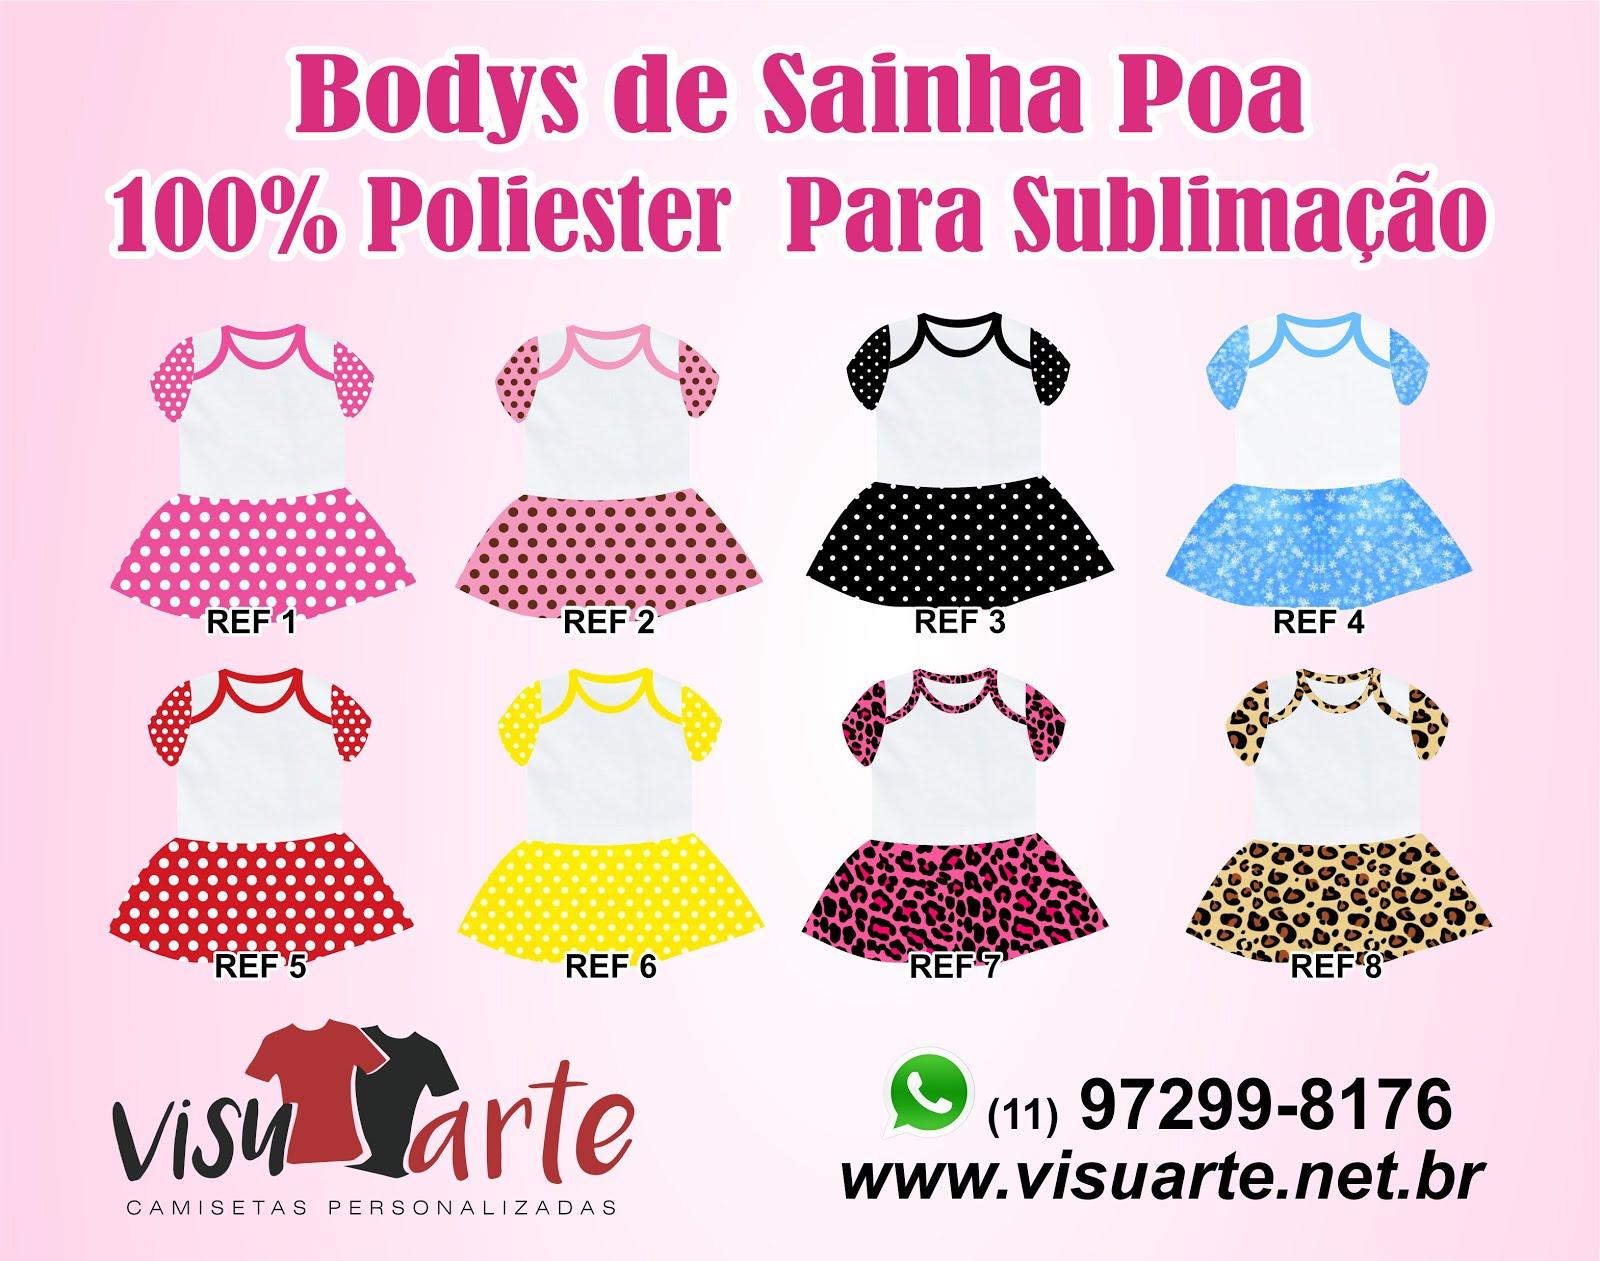 Bodys de sainha poá para sublimação - Real Camisetas - Josynha Artes